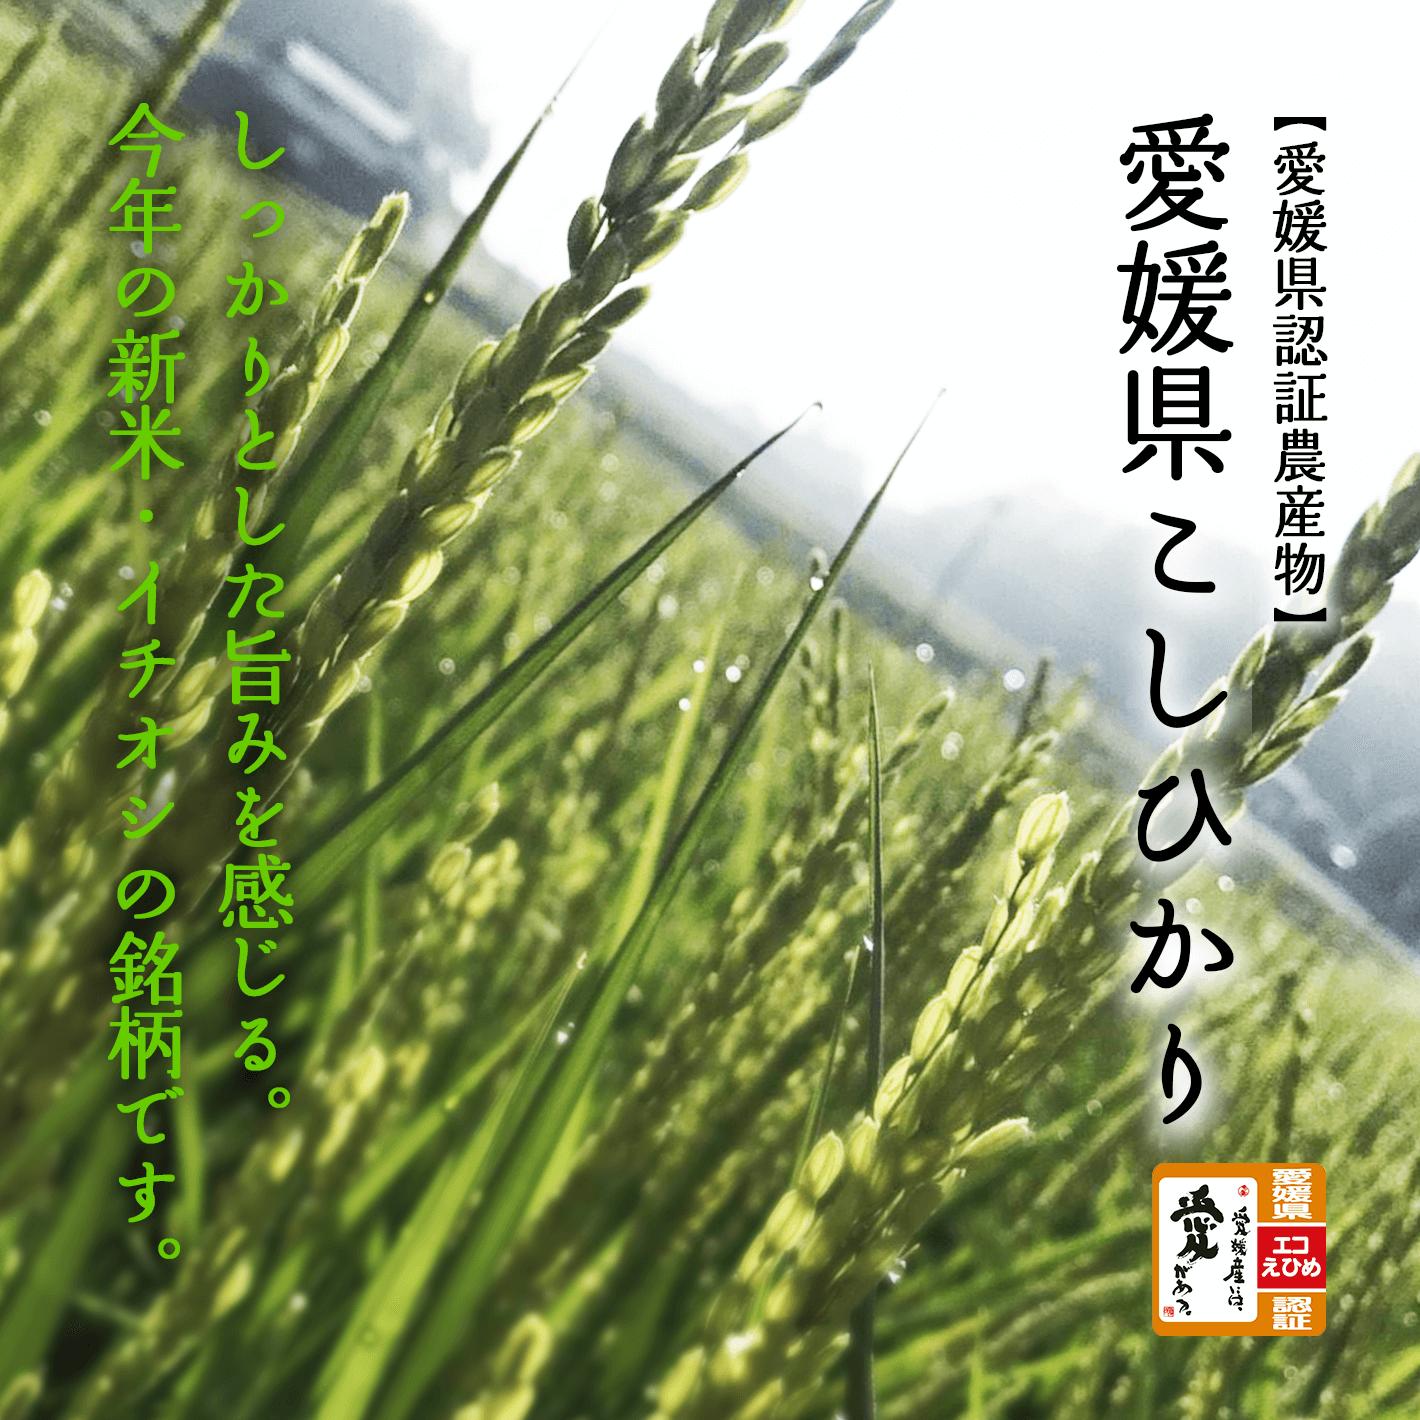 【愛媛県認証農産物】愛媛県こしひかり。しっかりとした旨みを感じる。今年新米・イチオシの銘柄です。